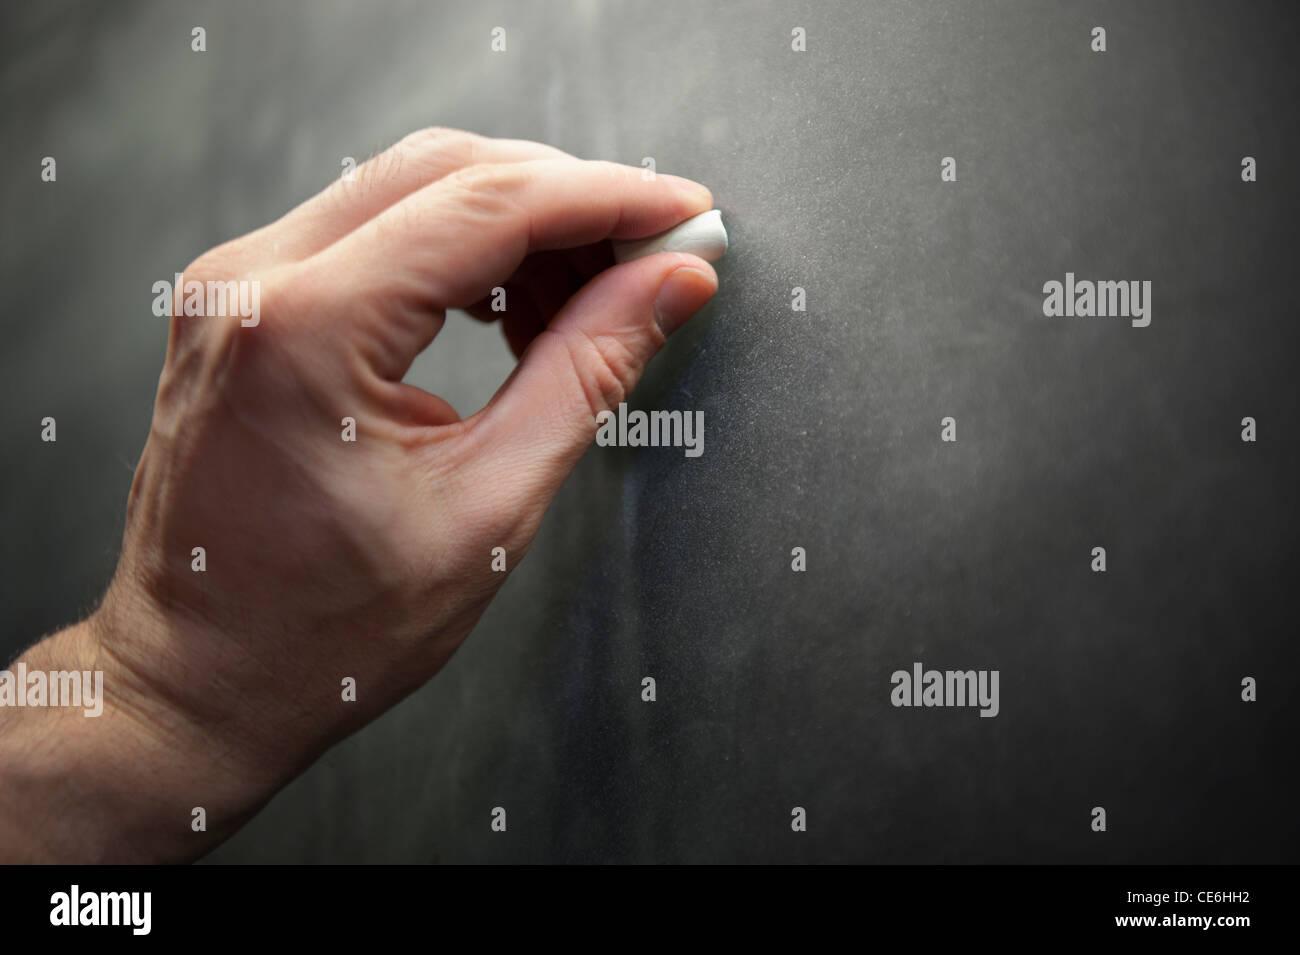 Un uomo insegnante maschio lato sinistro scrive usando il gesso su una lavagna Lavagna. Immagini Stock